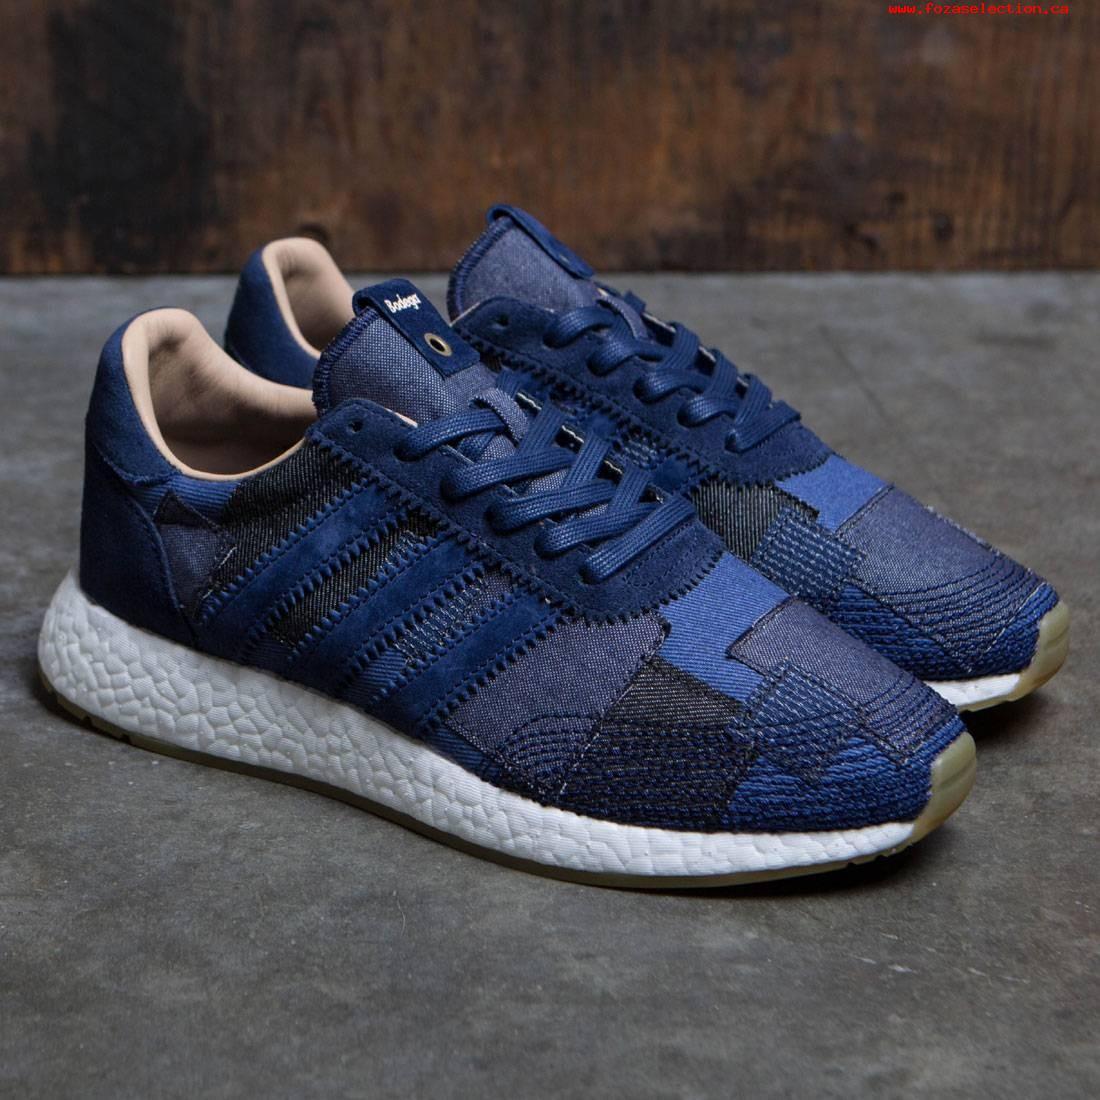 e06f7192a8b On Sale  END x Bodega x adidas Iniki Boost — Sneaker Shouts